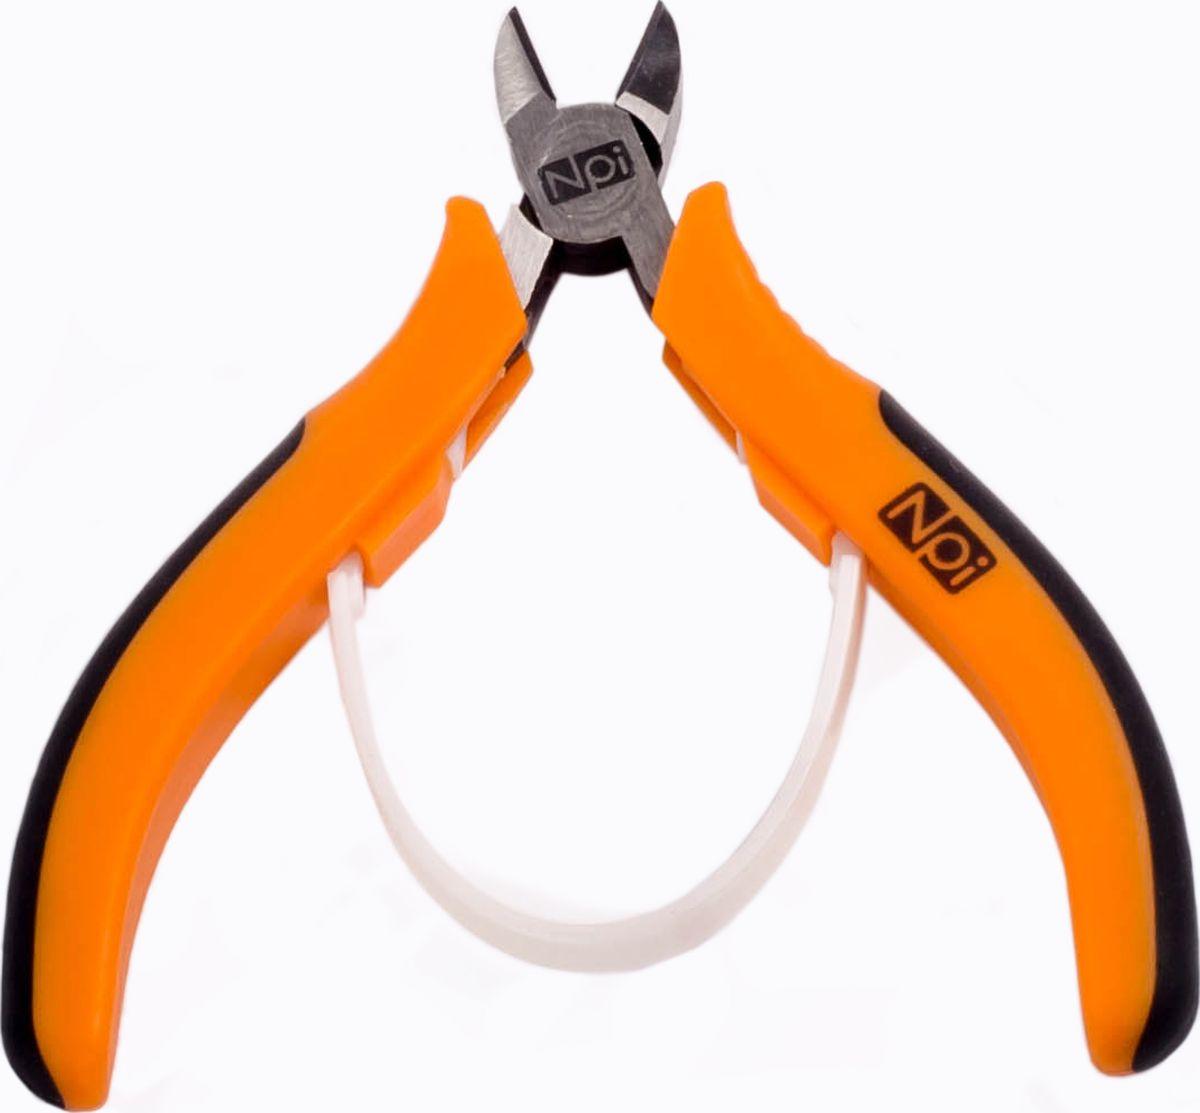 Бокорезы NPI, 110 ммCA-3505Бокорезы NPI 110мм - для очень точной резки. Режущая часть сделана из хром-ванадиевой стали. Режущие кромки, закаленные дополнительно индуктивным методом. Длина инструмента — 110 мм обеспечивает его удобное использование и хранение.Особенности модели:Двухкомпонентная эргономическая рукоятка, обеспечивает удобную работу. Нейлоновая пружина большой прочности.Дополнительно закаленные режущие кромки отличаются высокой твердостью.Подходят для работы, как с мягкой, так и с твердой проволокой.